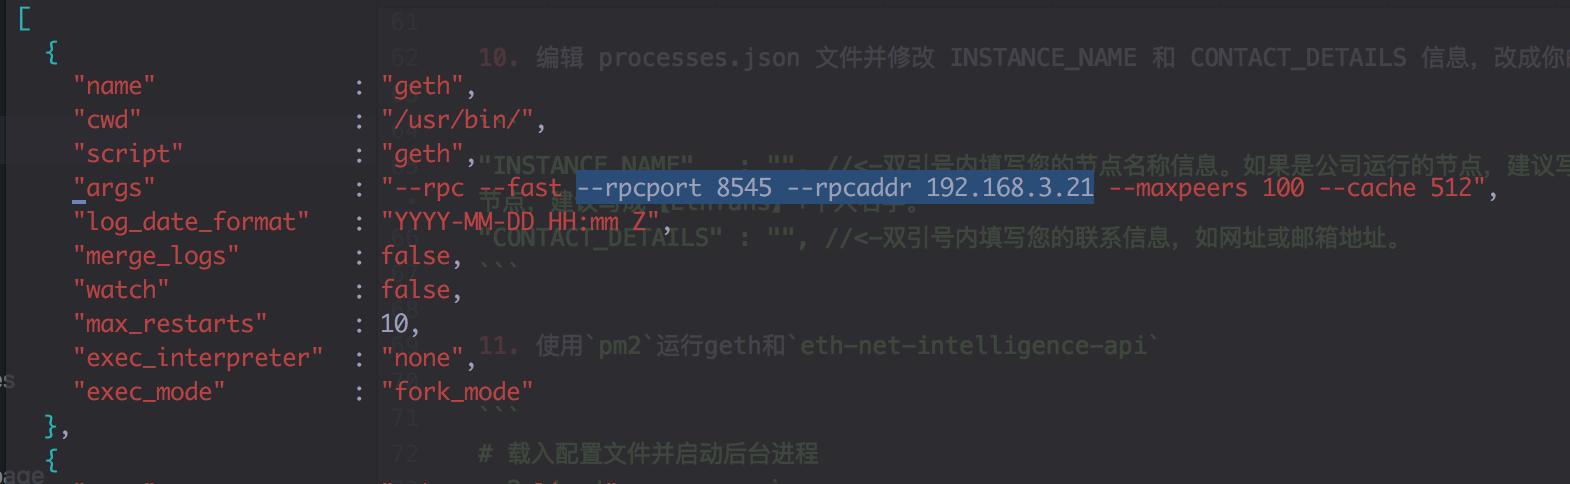 processes.json